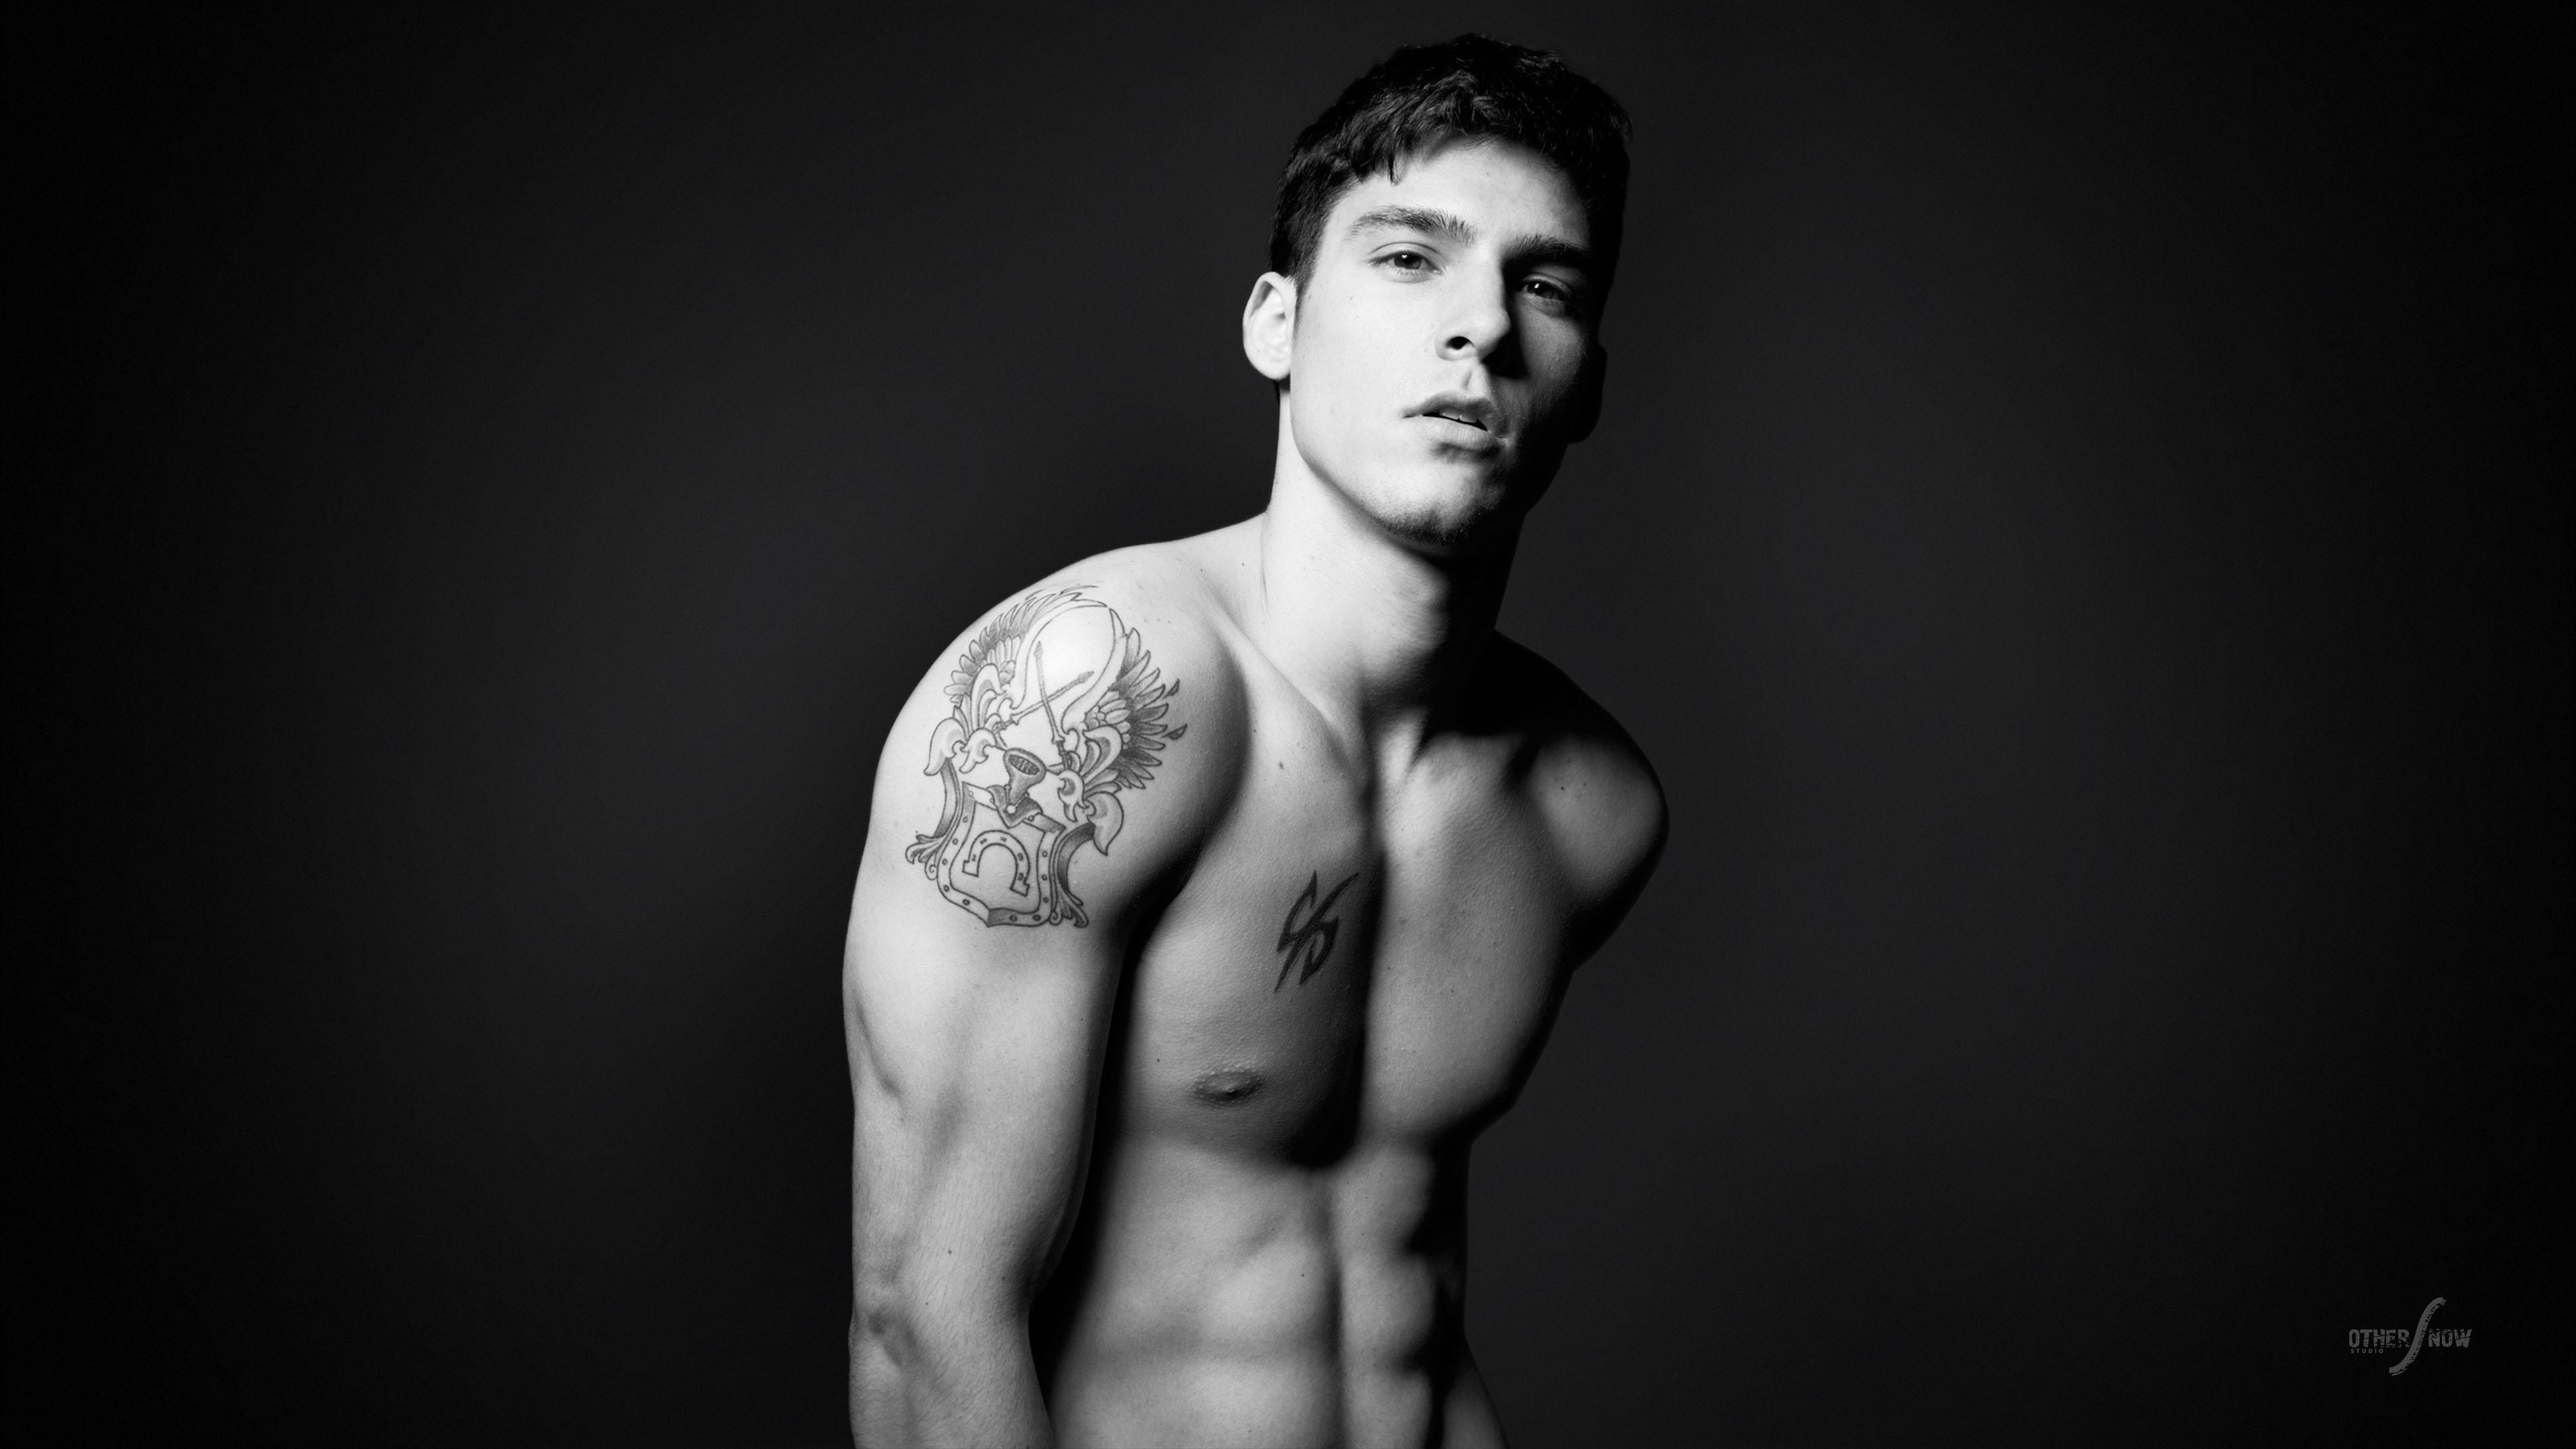 Молодой человек спортивного телосложения с татуировкой на плече